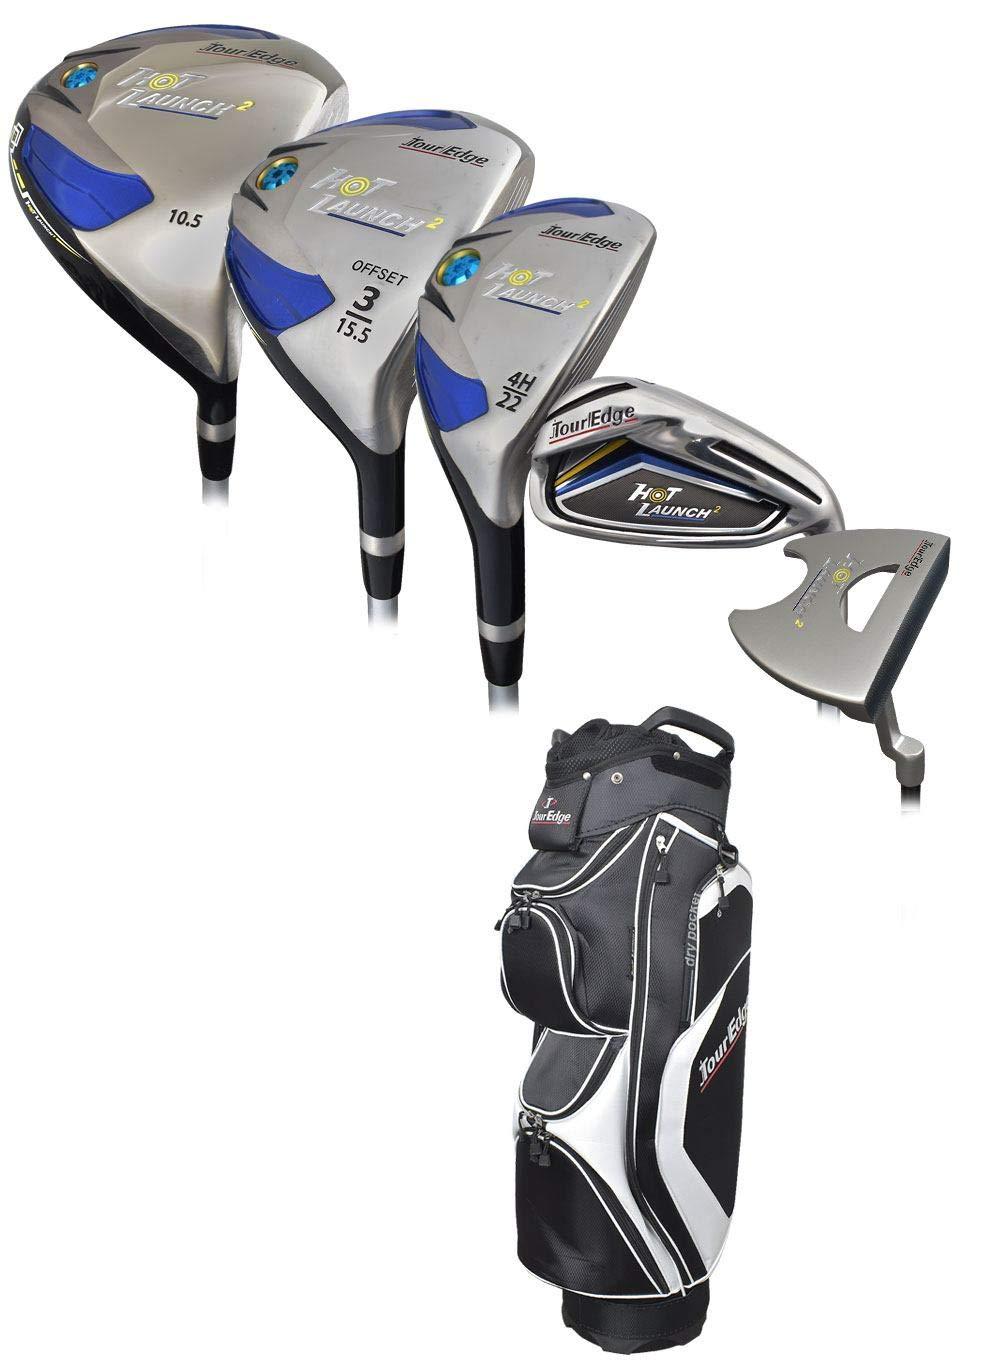 Tour Edge ゴルフ ホットローンチ 2コンプリートセット グラファイトバッグ付き B07NHNXZZB シニア Right